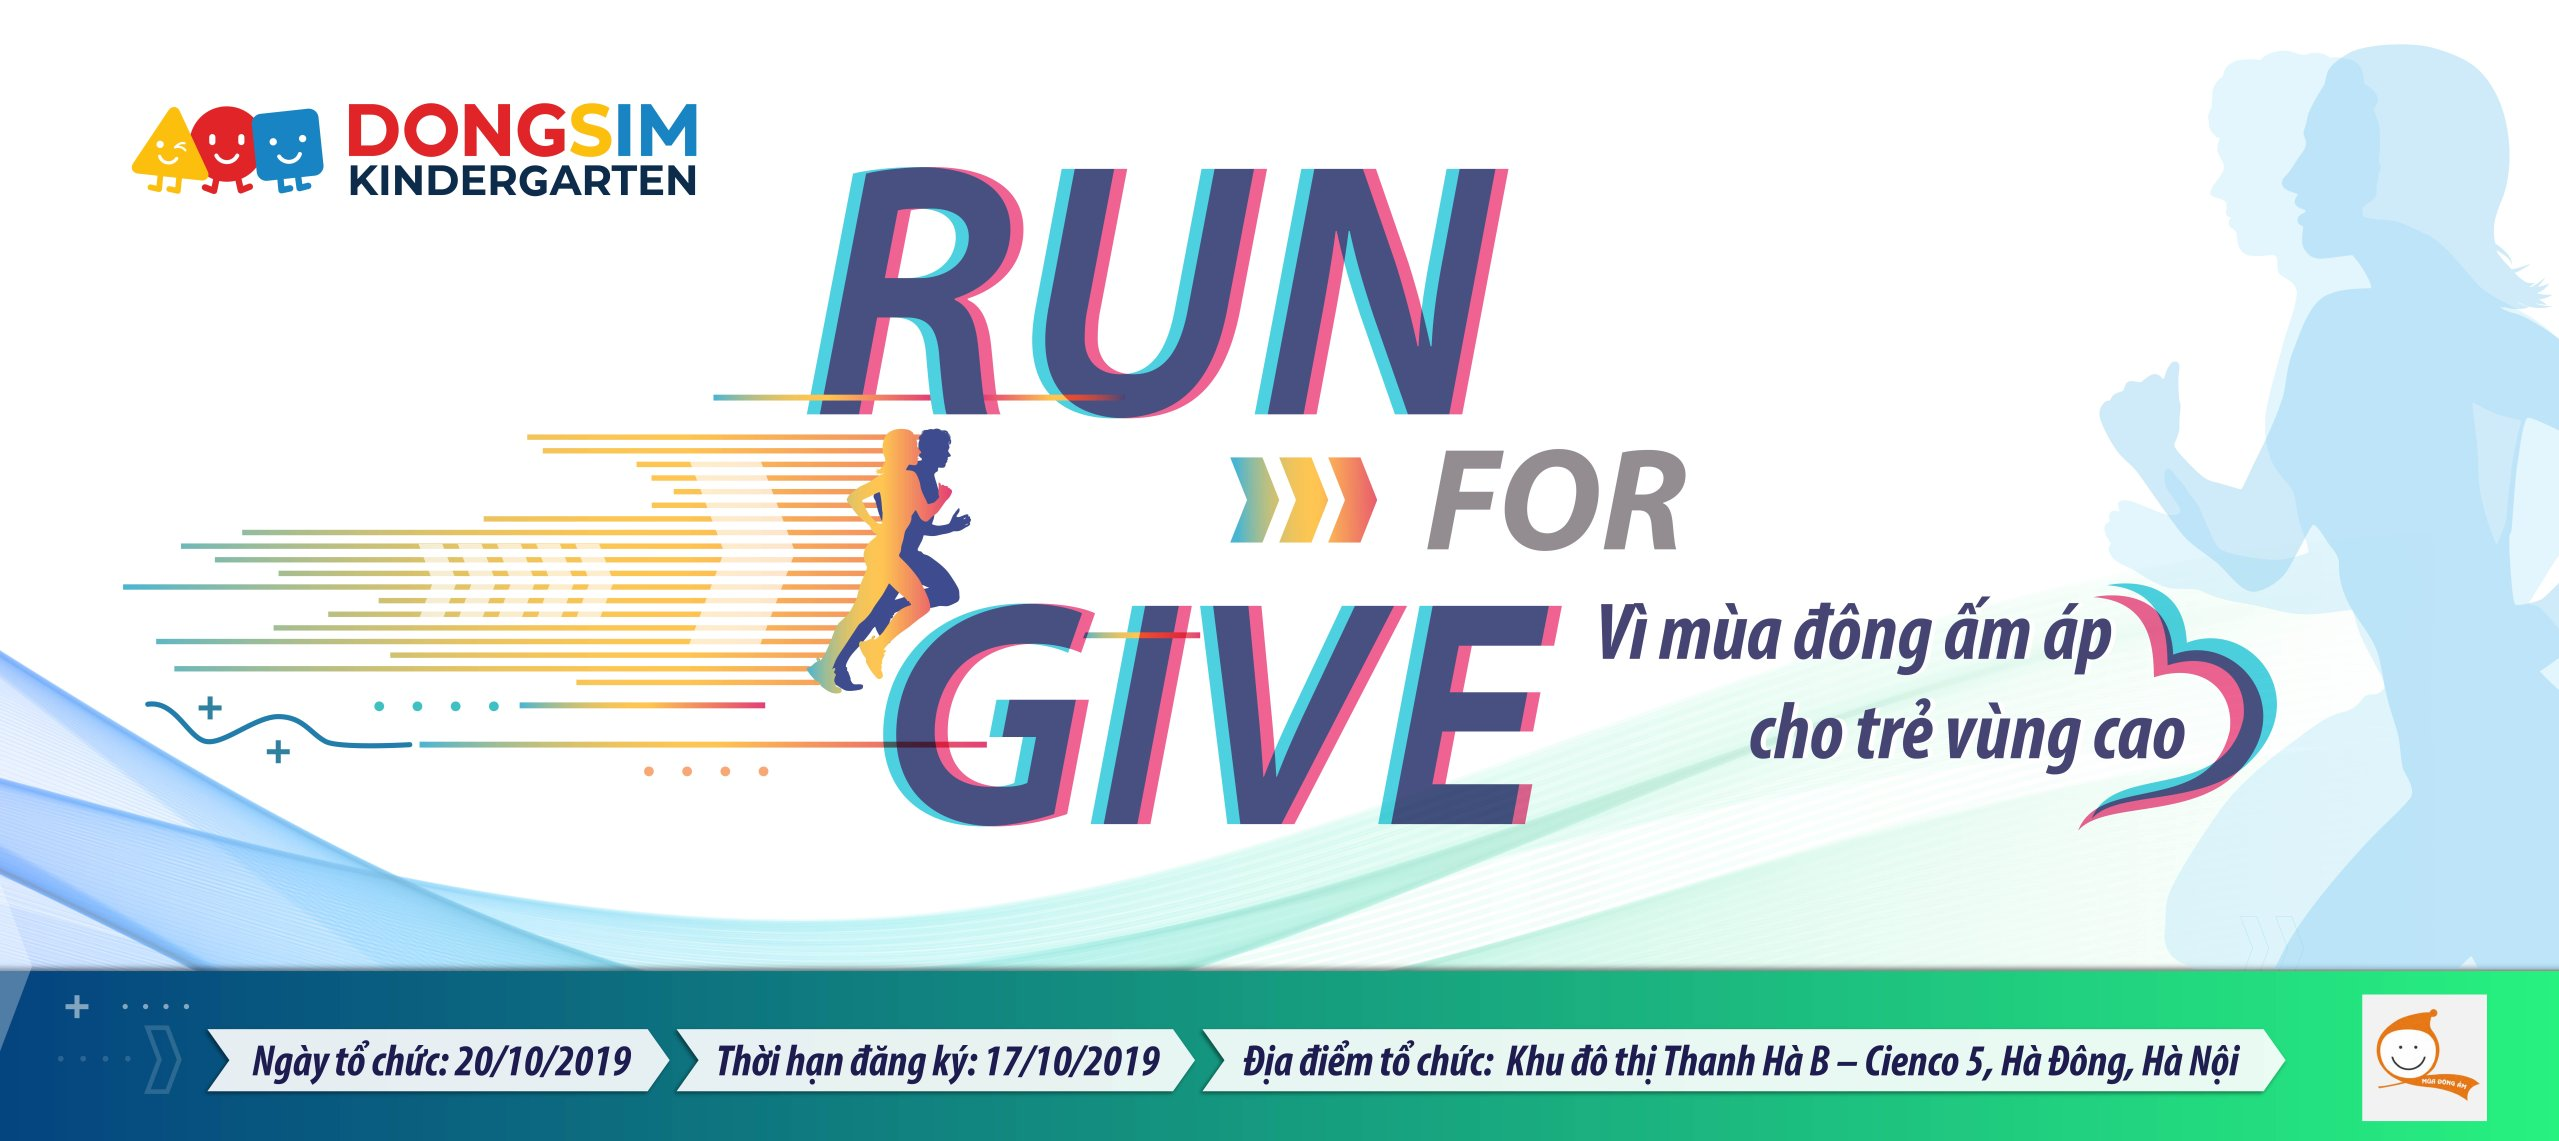 RUN FOR GIVE - Vì mùa đông ấm áp cho trẻ vùng cao